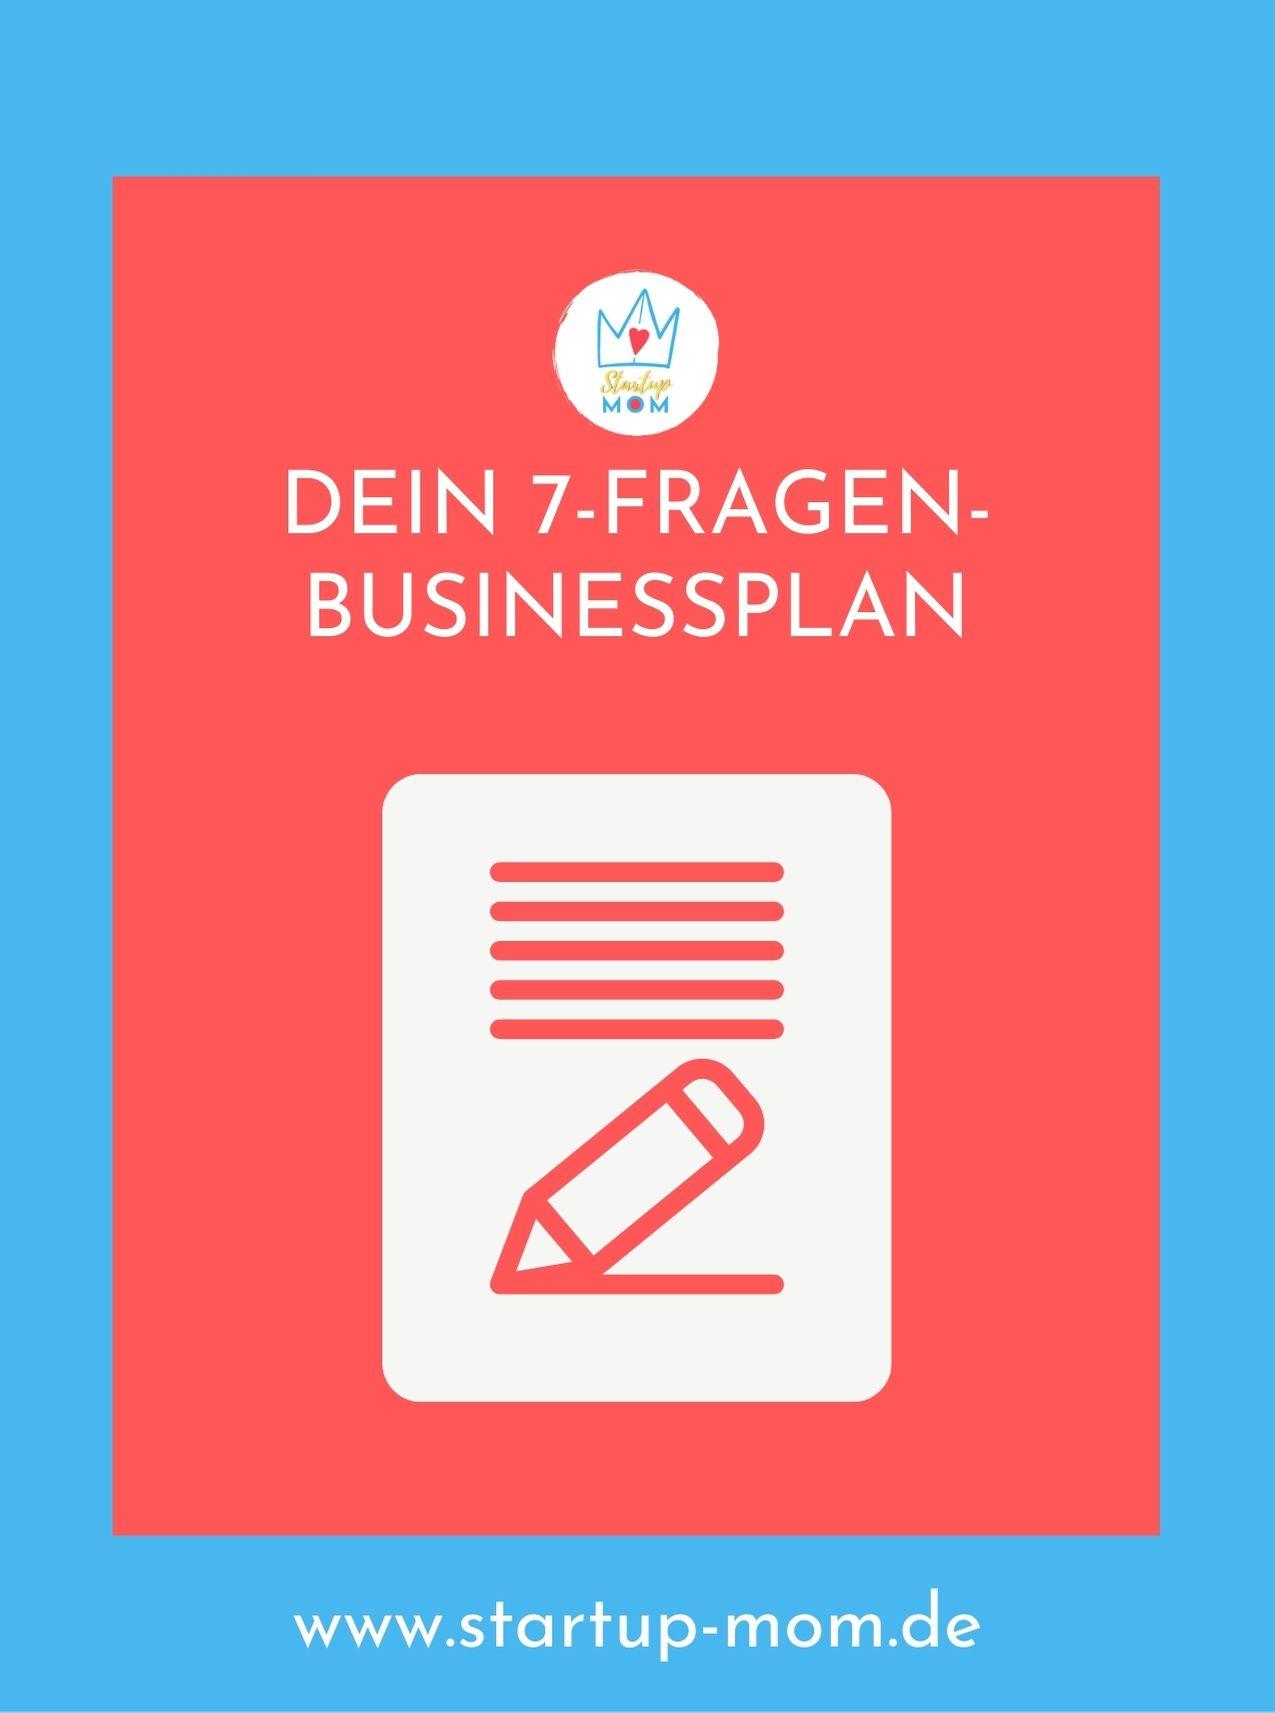 dein-7-fragen-businessplan